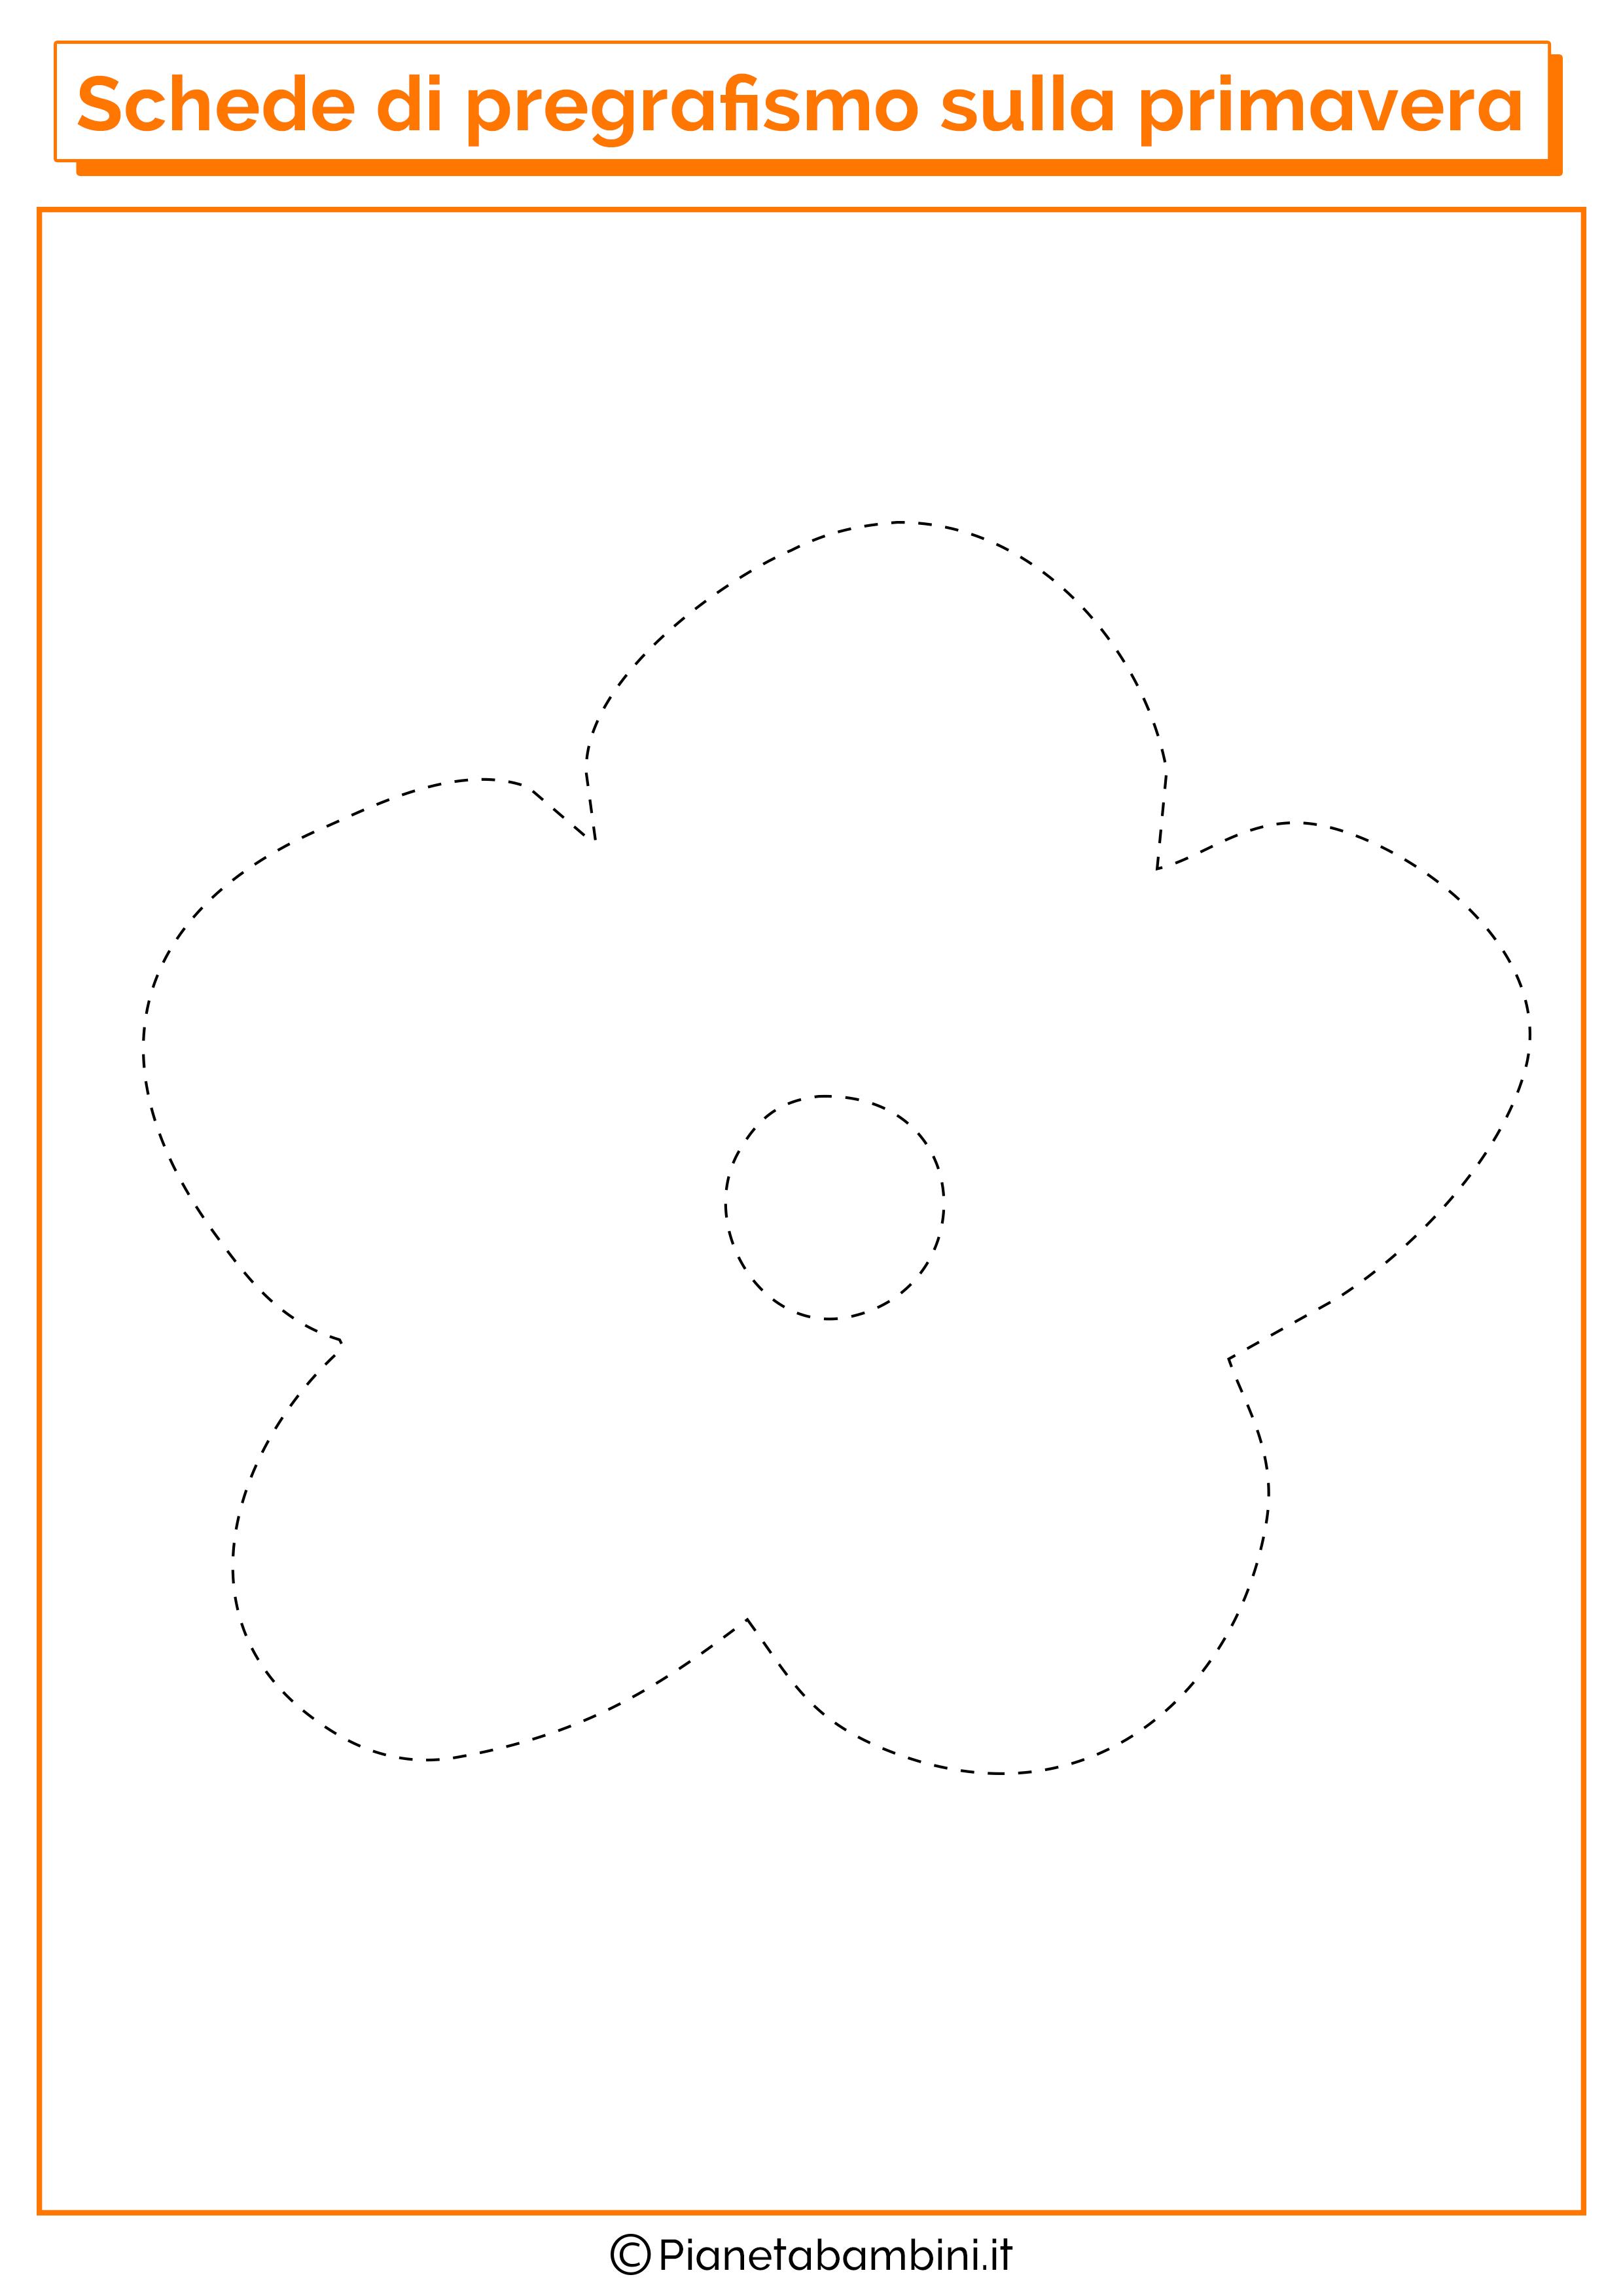 Pregrafismo-Primavera-Fiore-2